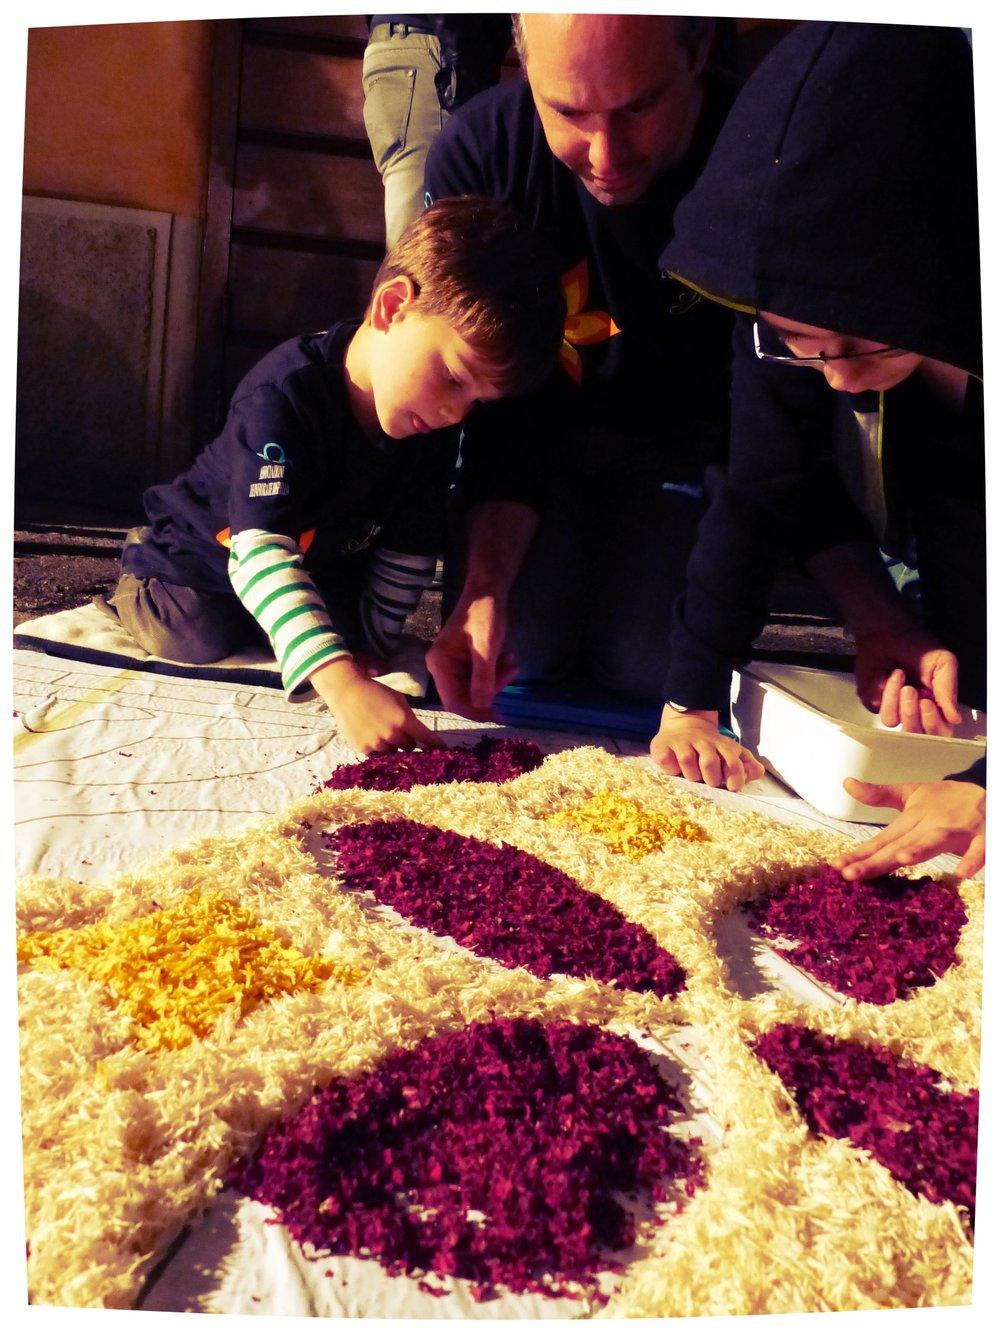 Adding more color at Infiorata in Spello, Umbria